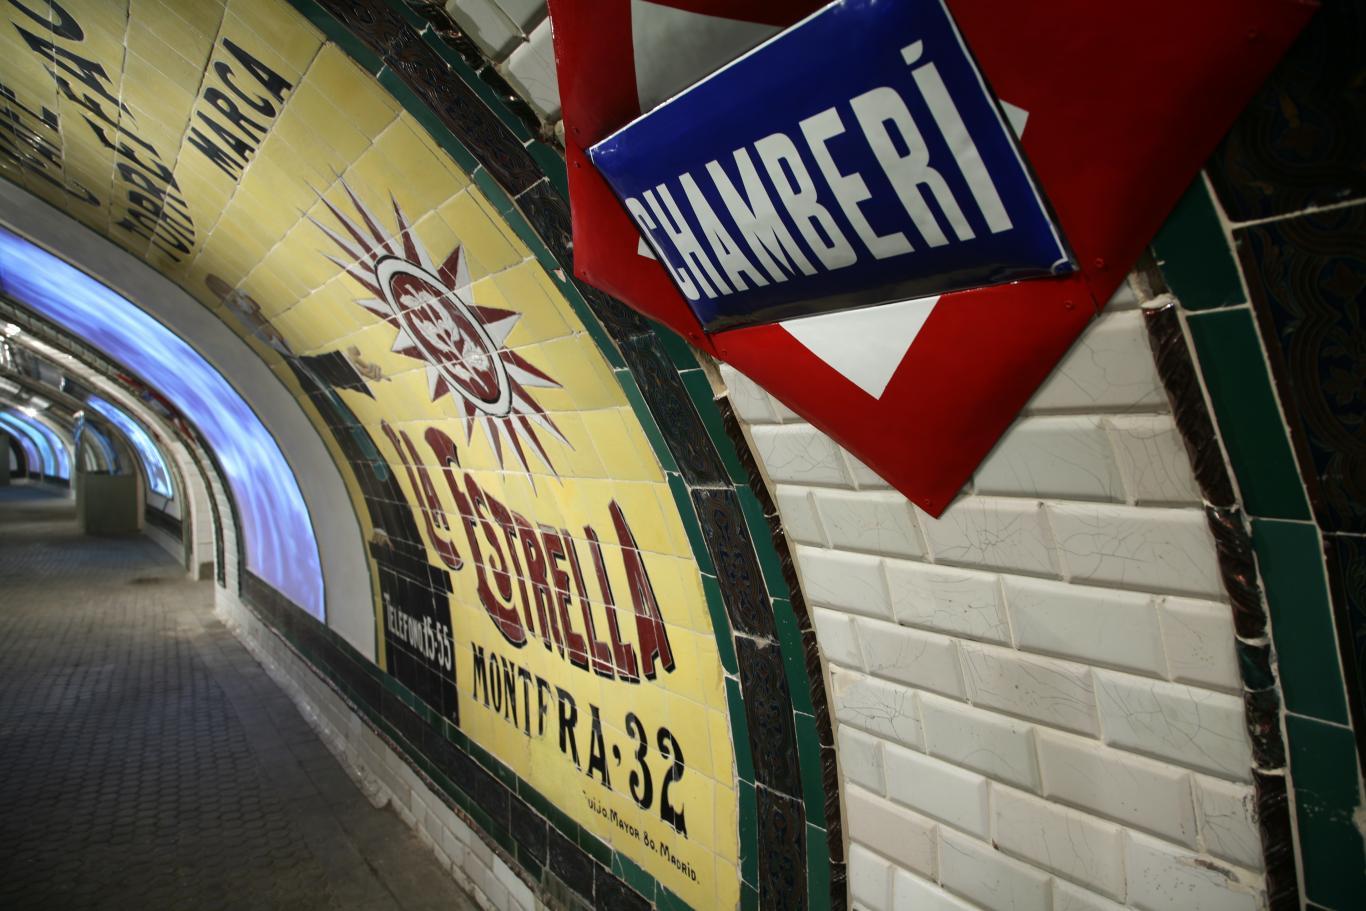 Estación de Chamberí II